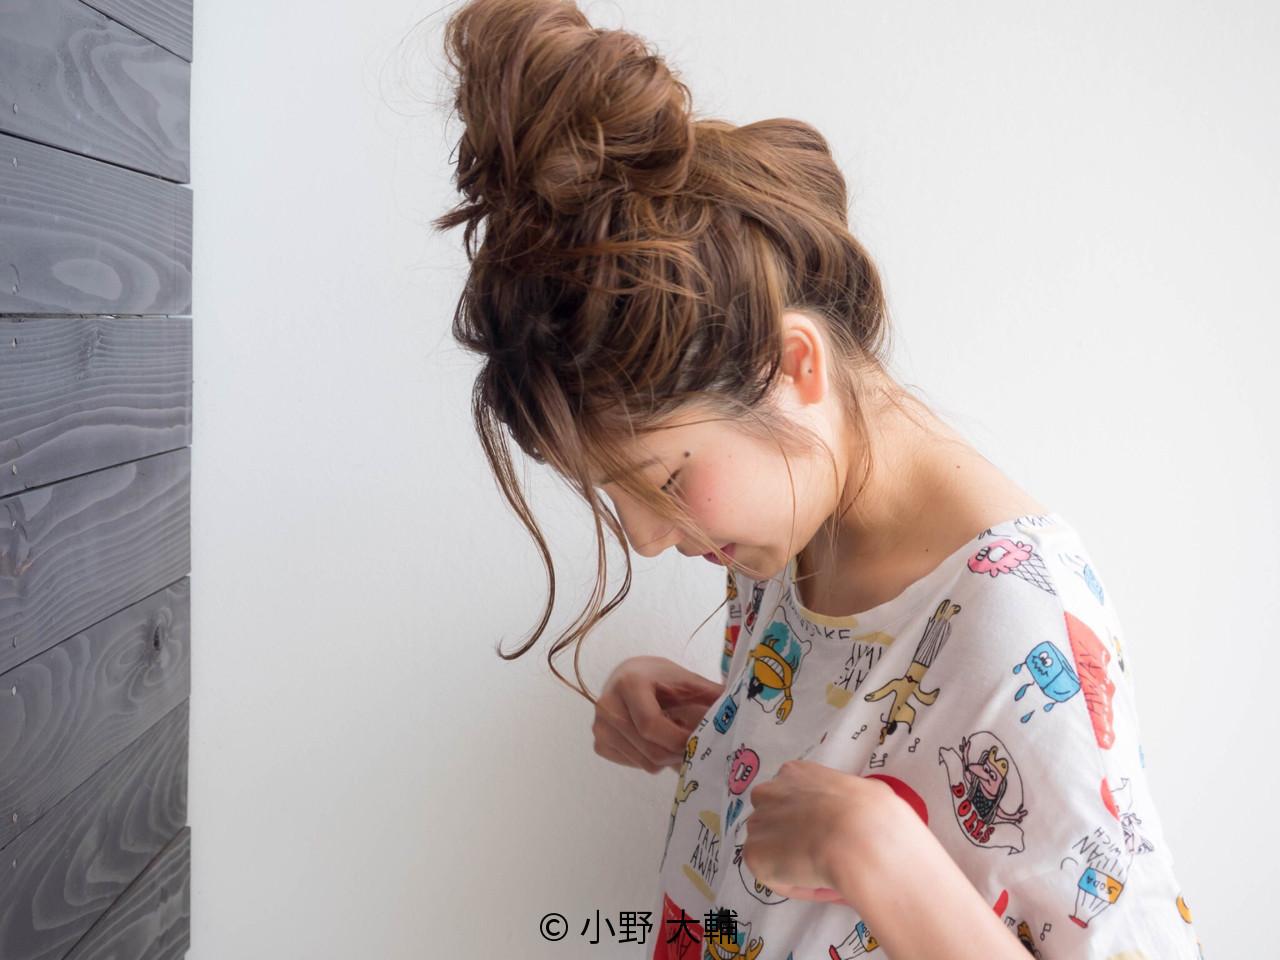 【簡単】お団子ヘアのやり方を徹底解説!ゆるくかわいくアレンジを♡の9枚目の画像